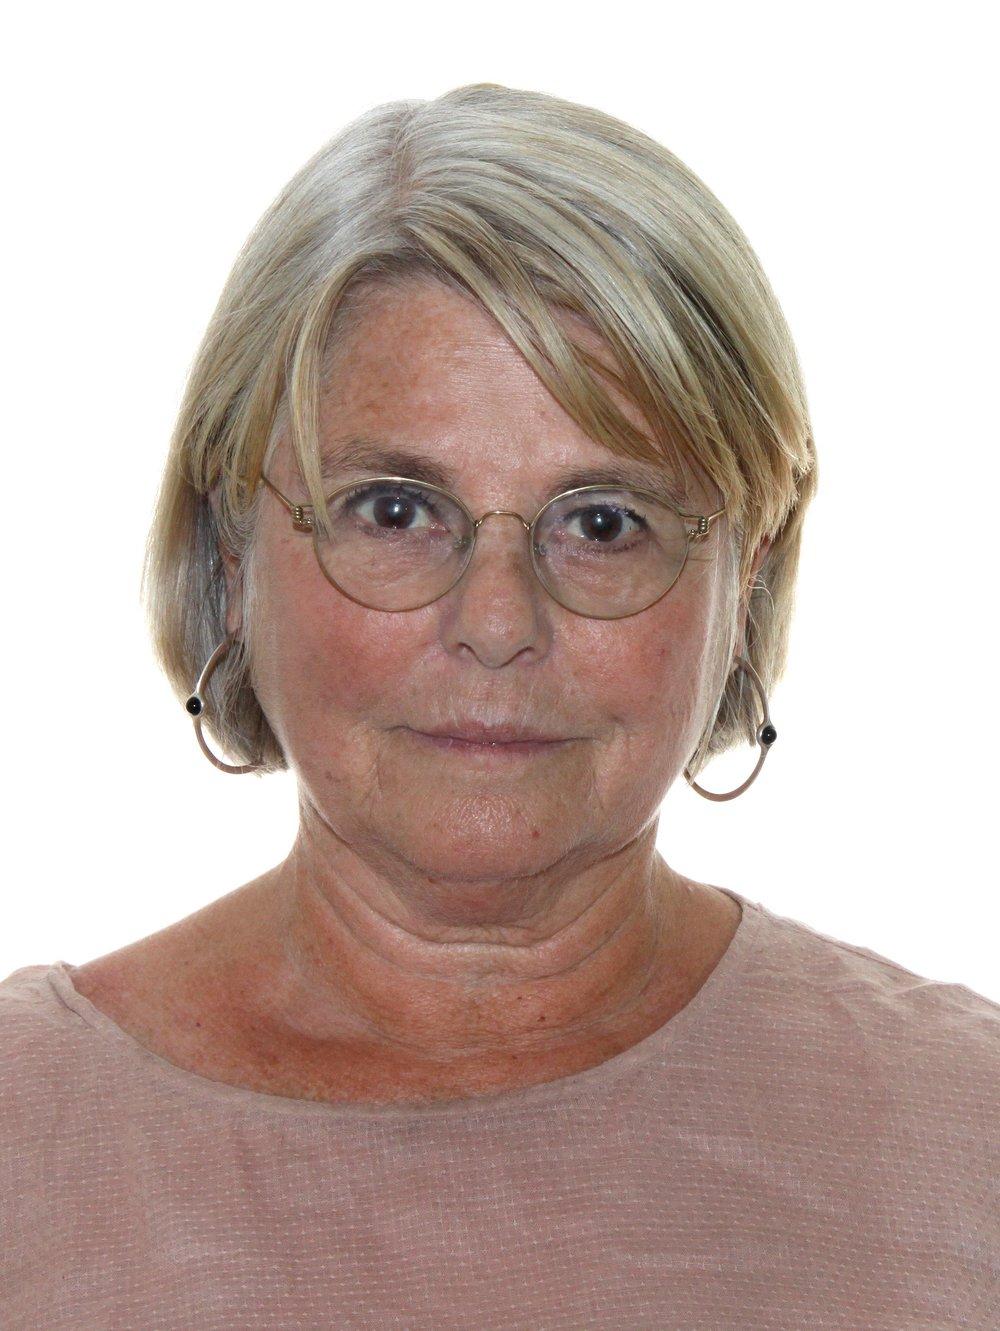 Ann-Sofi Barth Olofsson, leg. psykoterapeut, socionom och fil. kand. med huvudinriktning psykodynamisk psykoterapi.